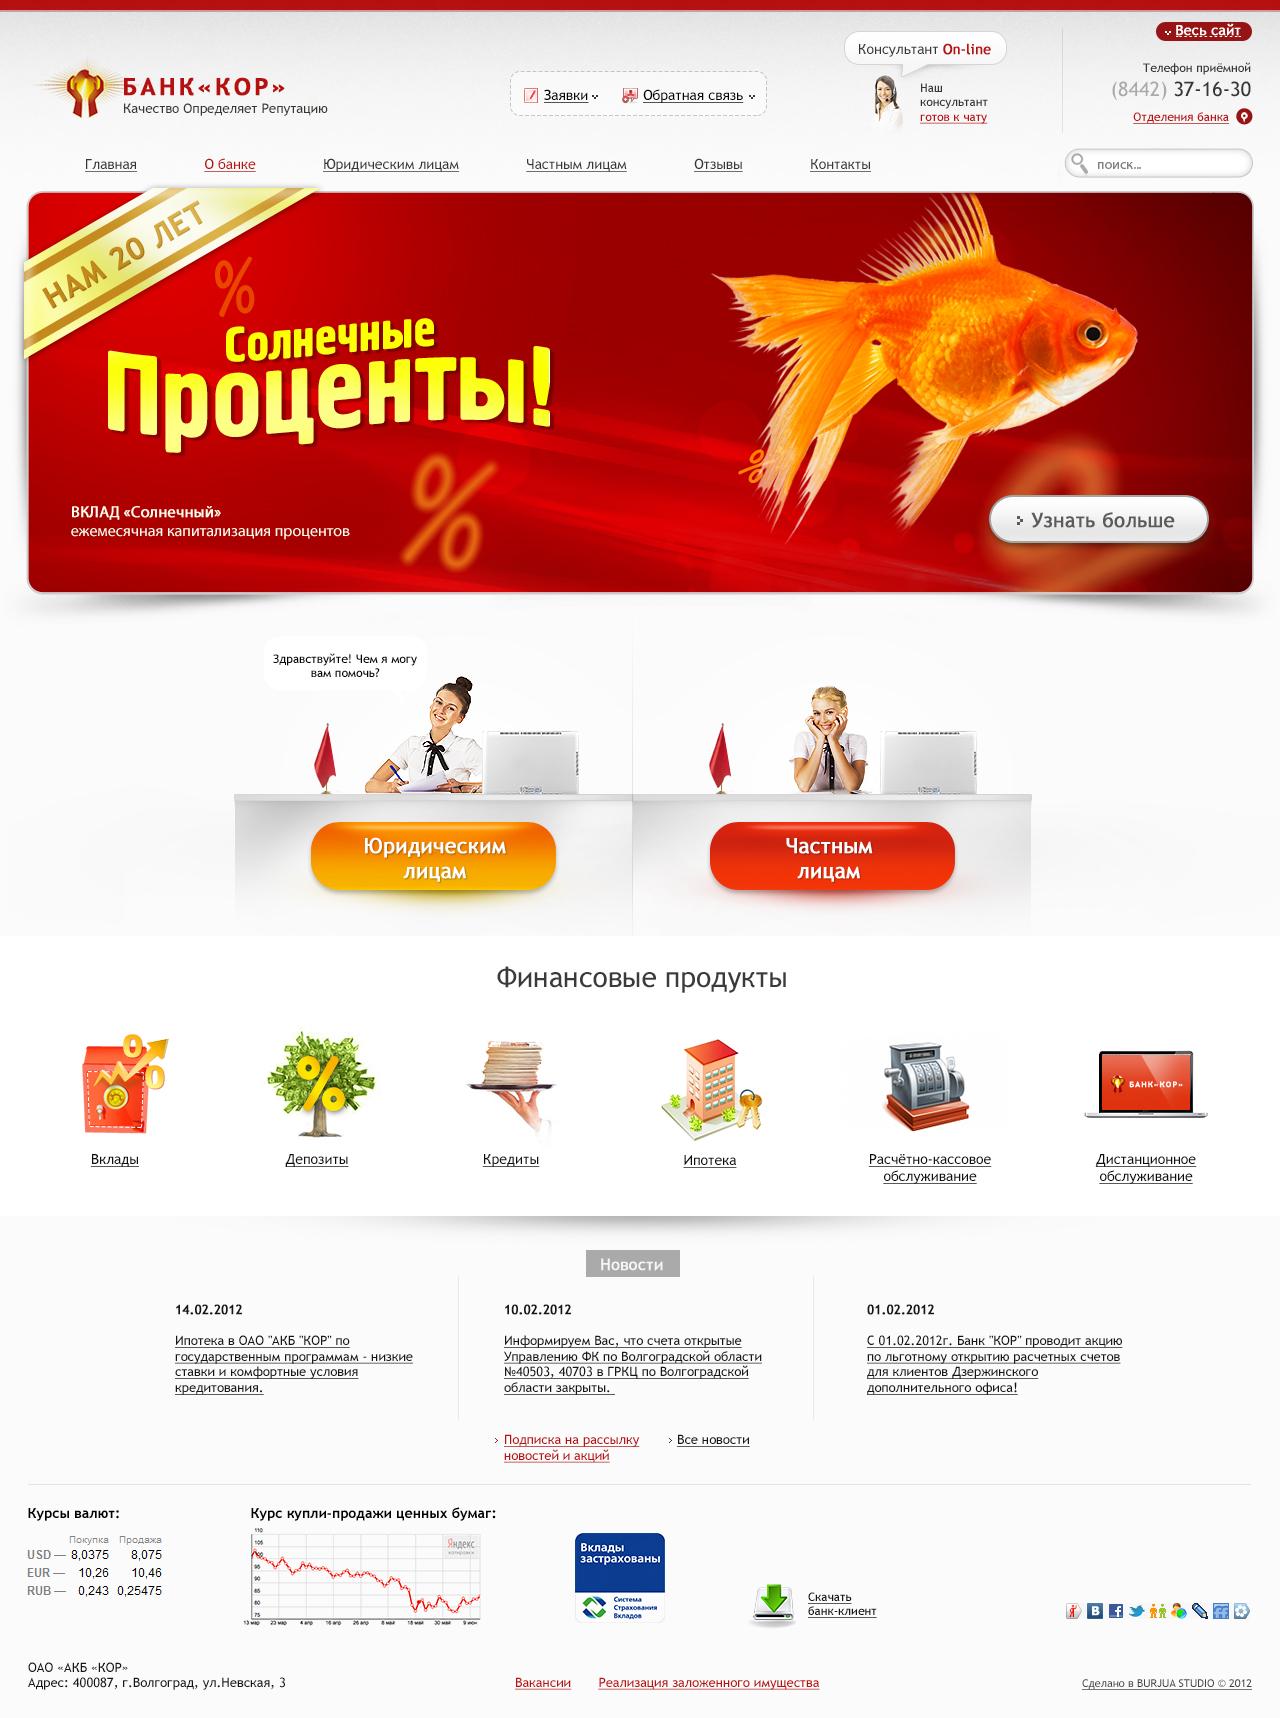 ухо серы бинбанк волгоград официальный сайт вклады автокредита Екатеринбурге услуга